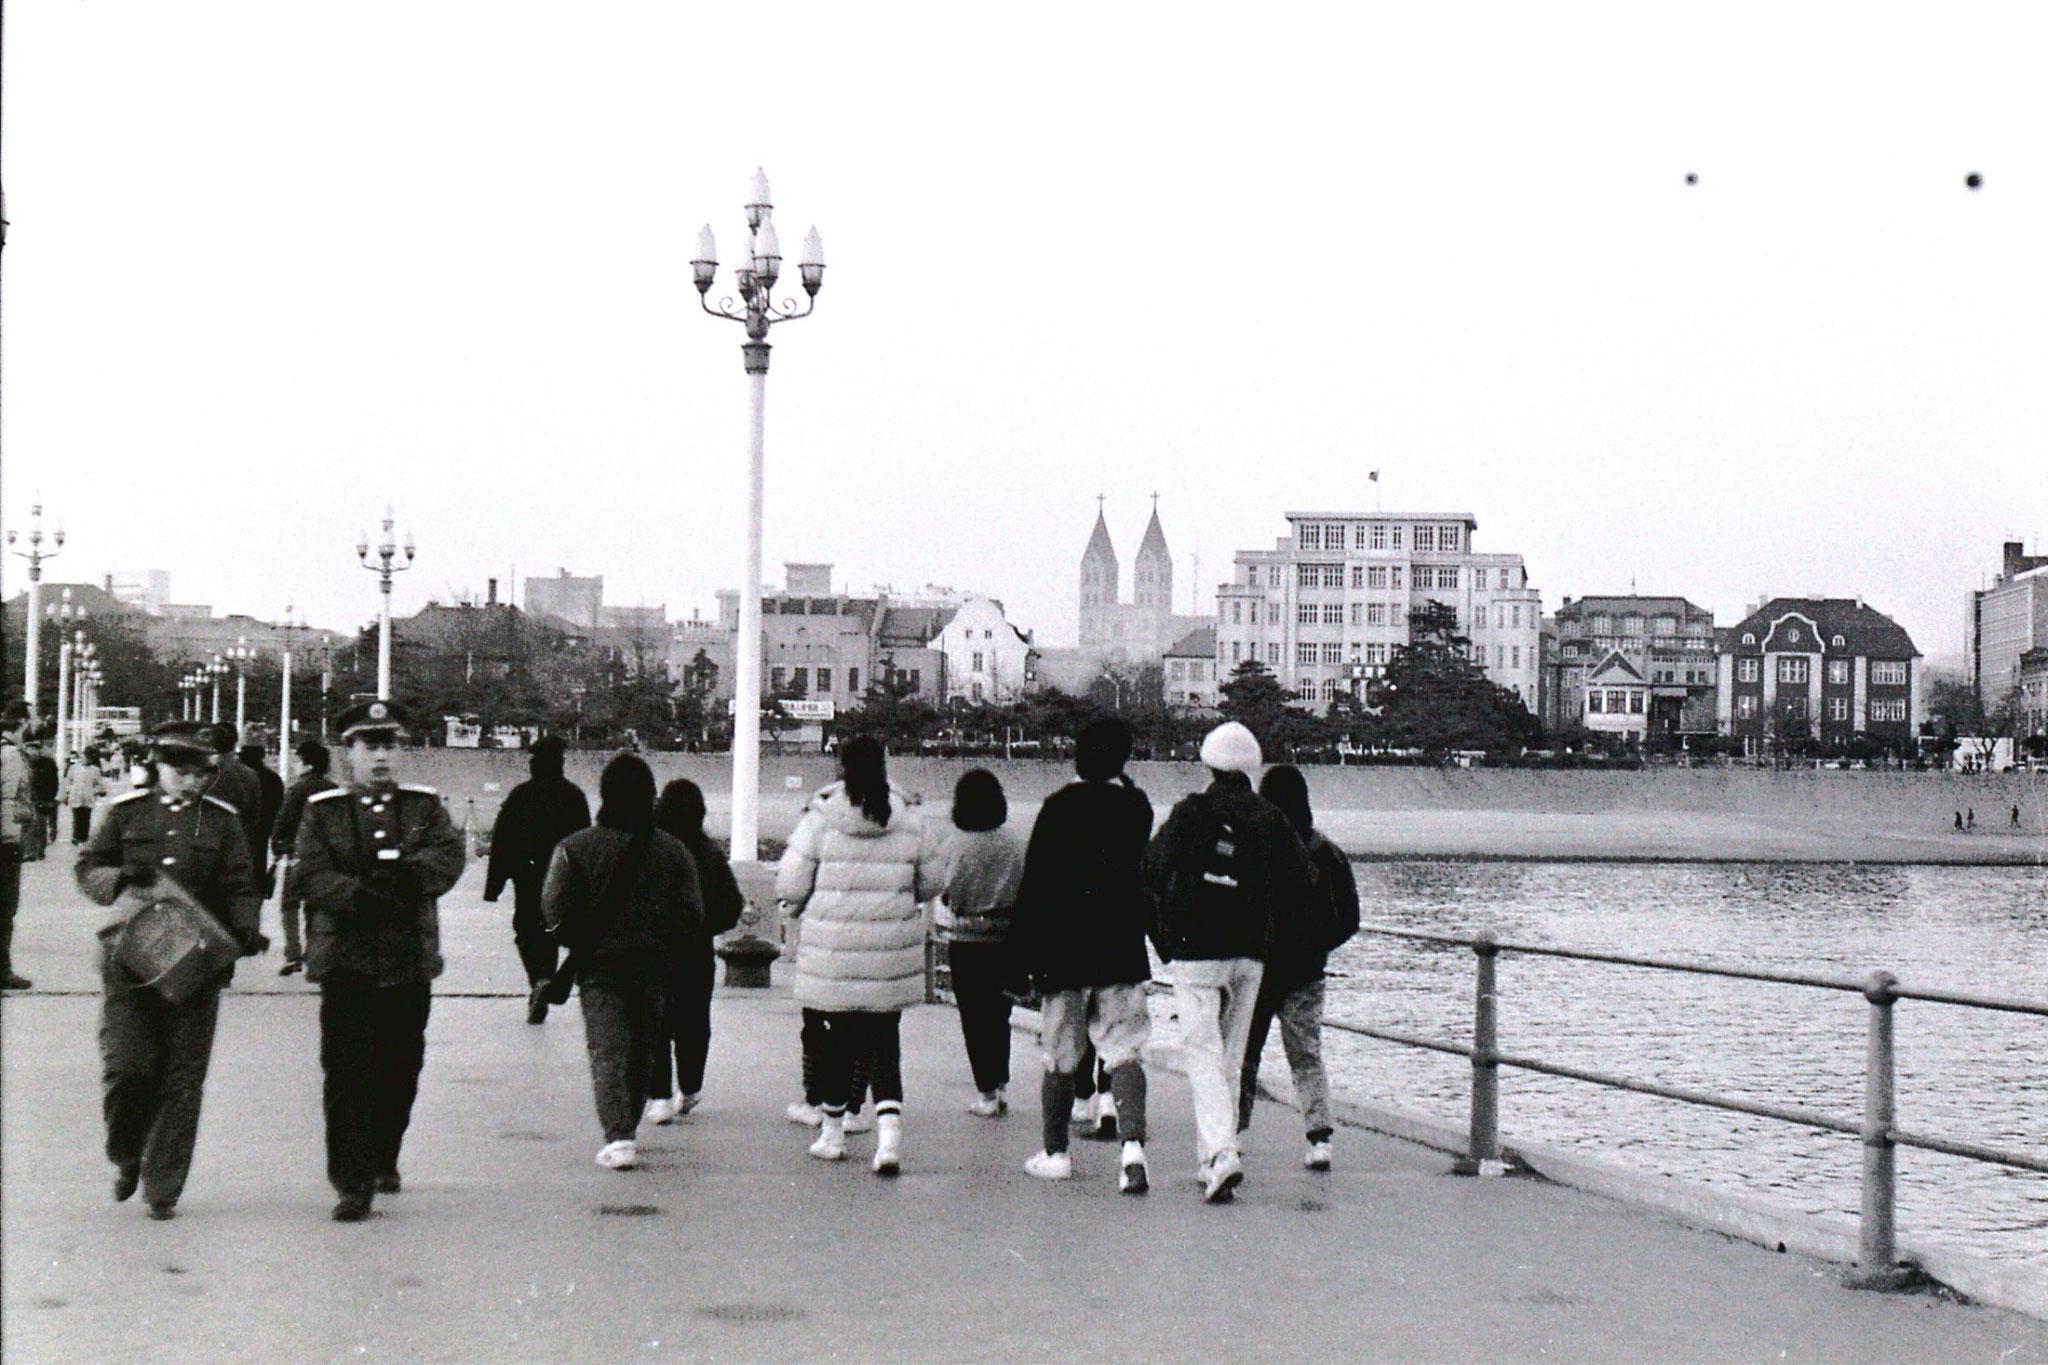 13/2/1989: 23: Qingdao